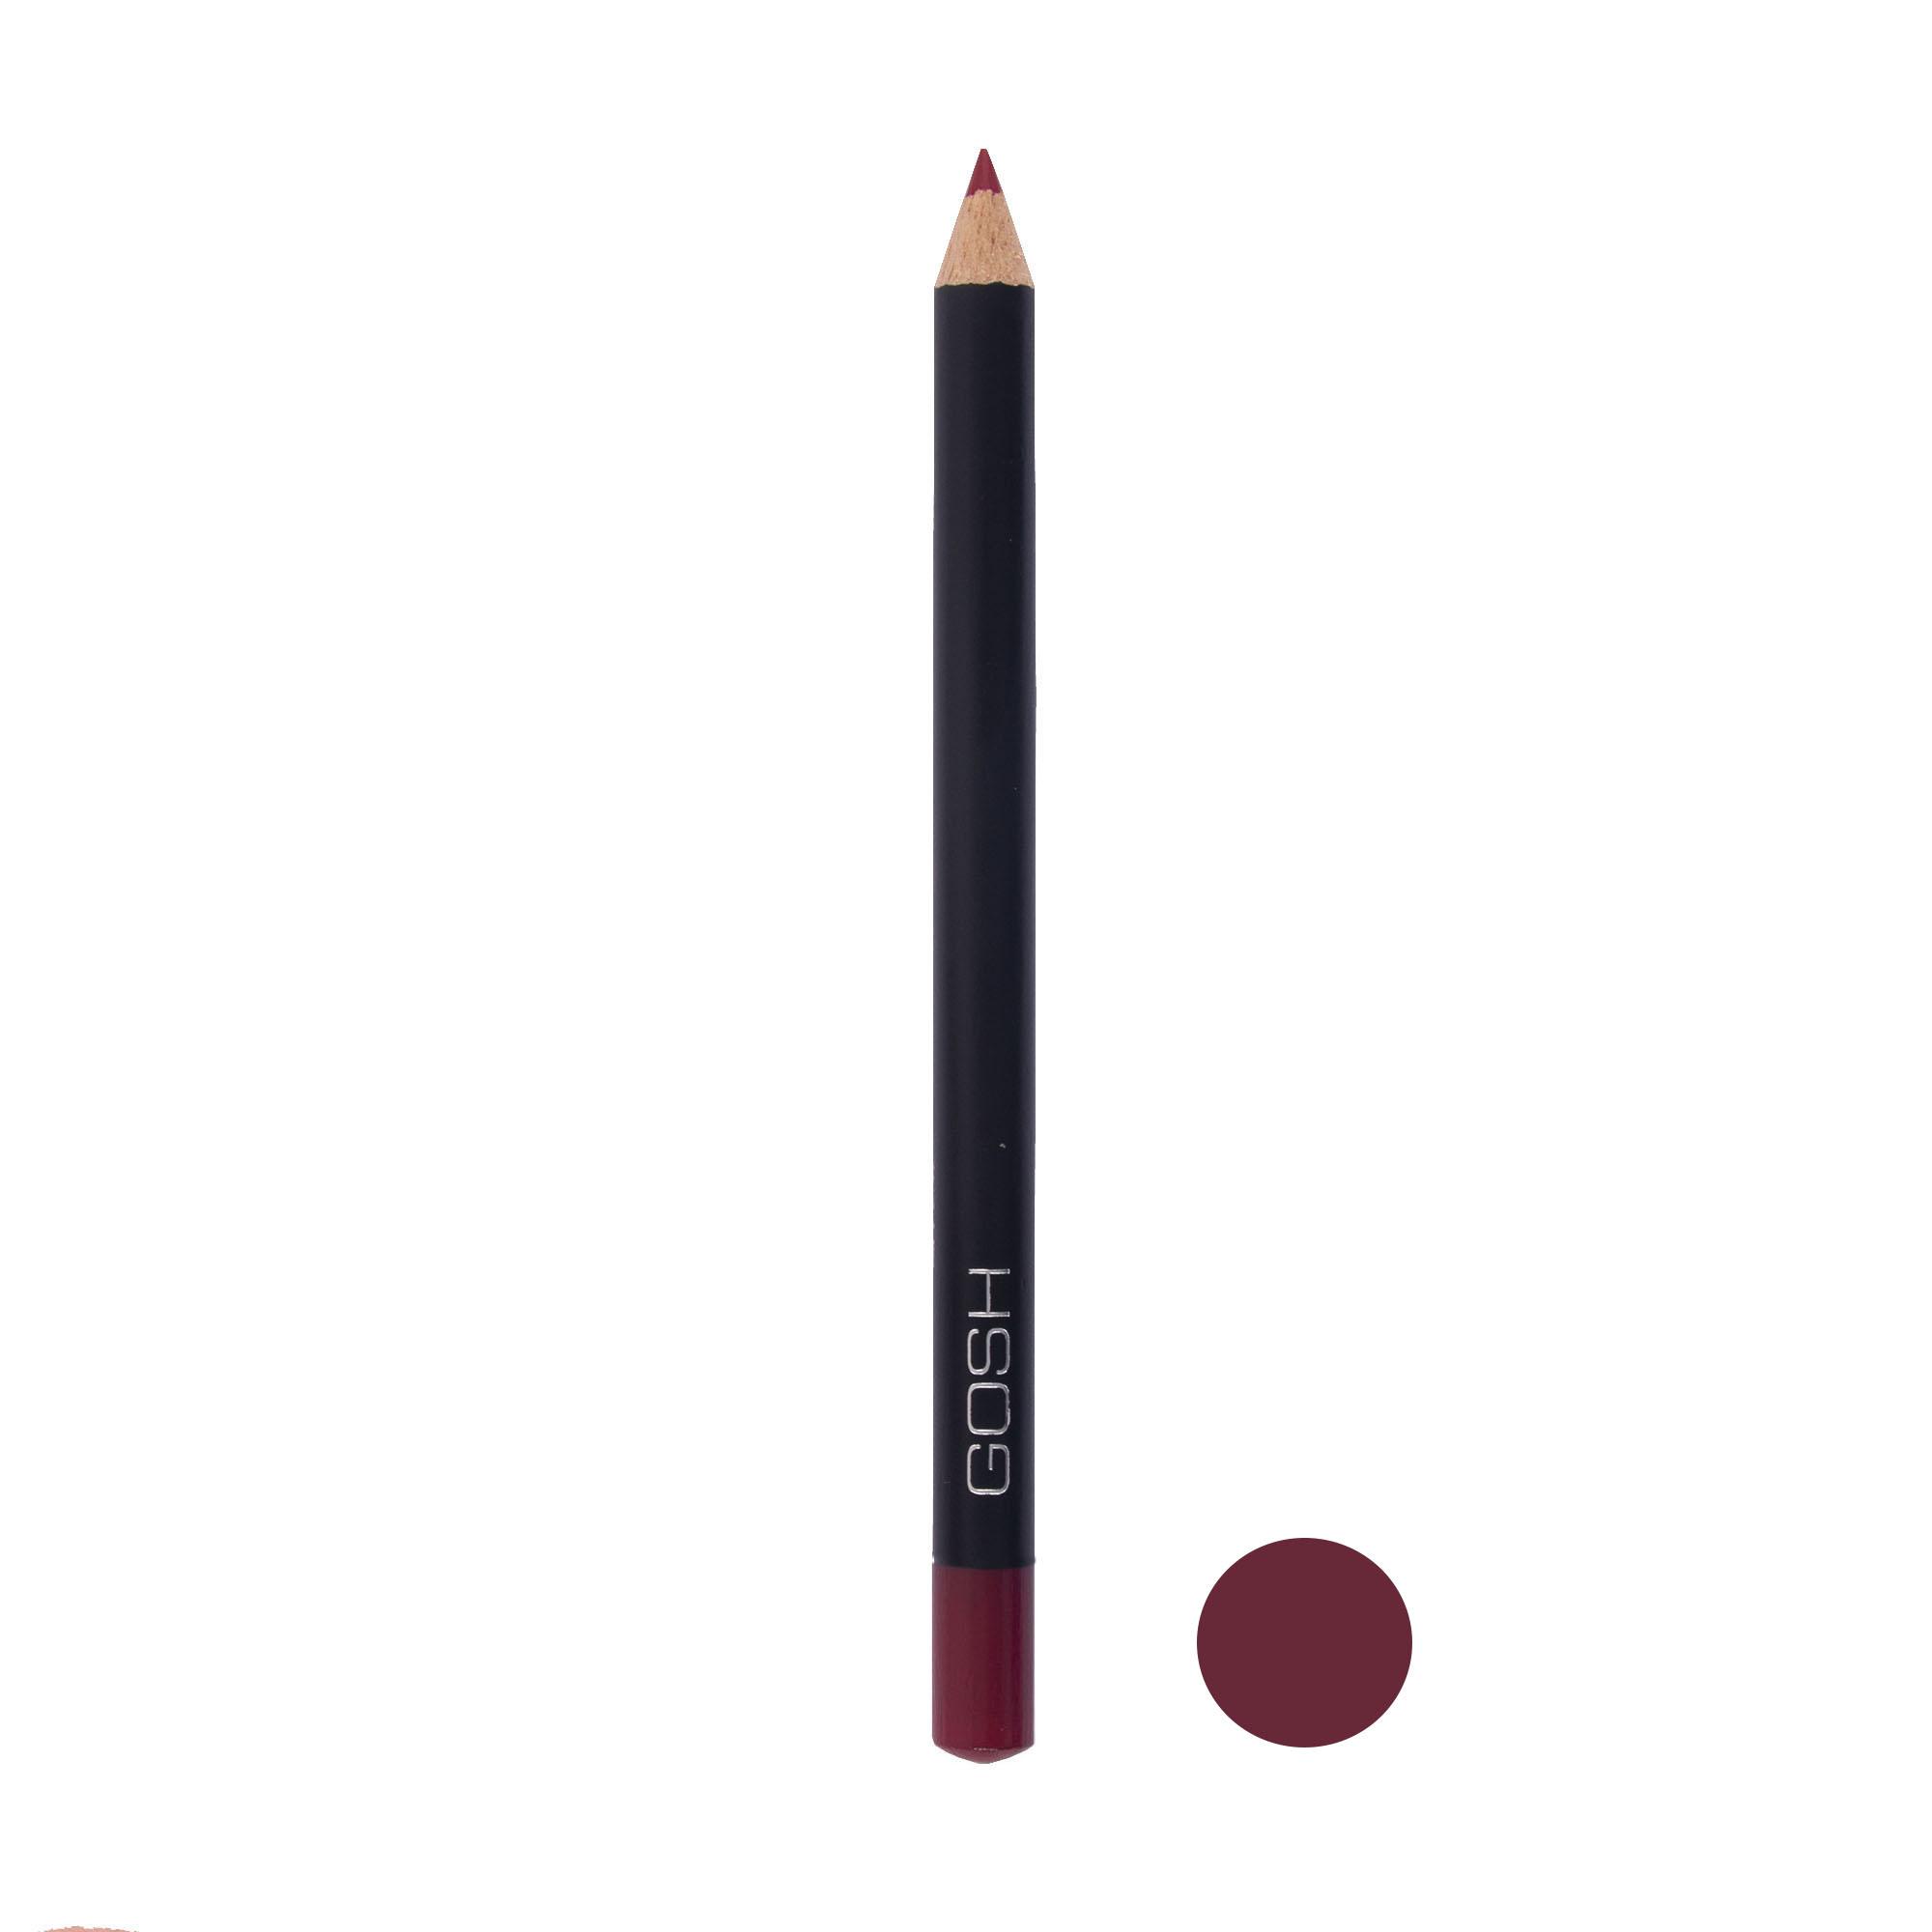 مداد لب گاش مدل ولوت تاچ شماره 232